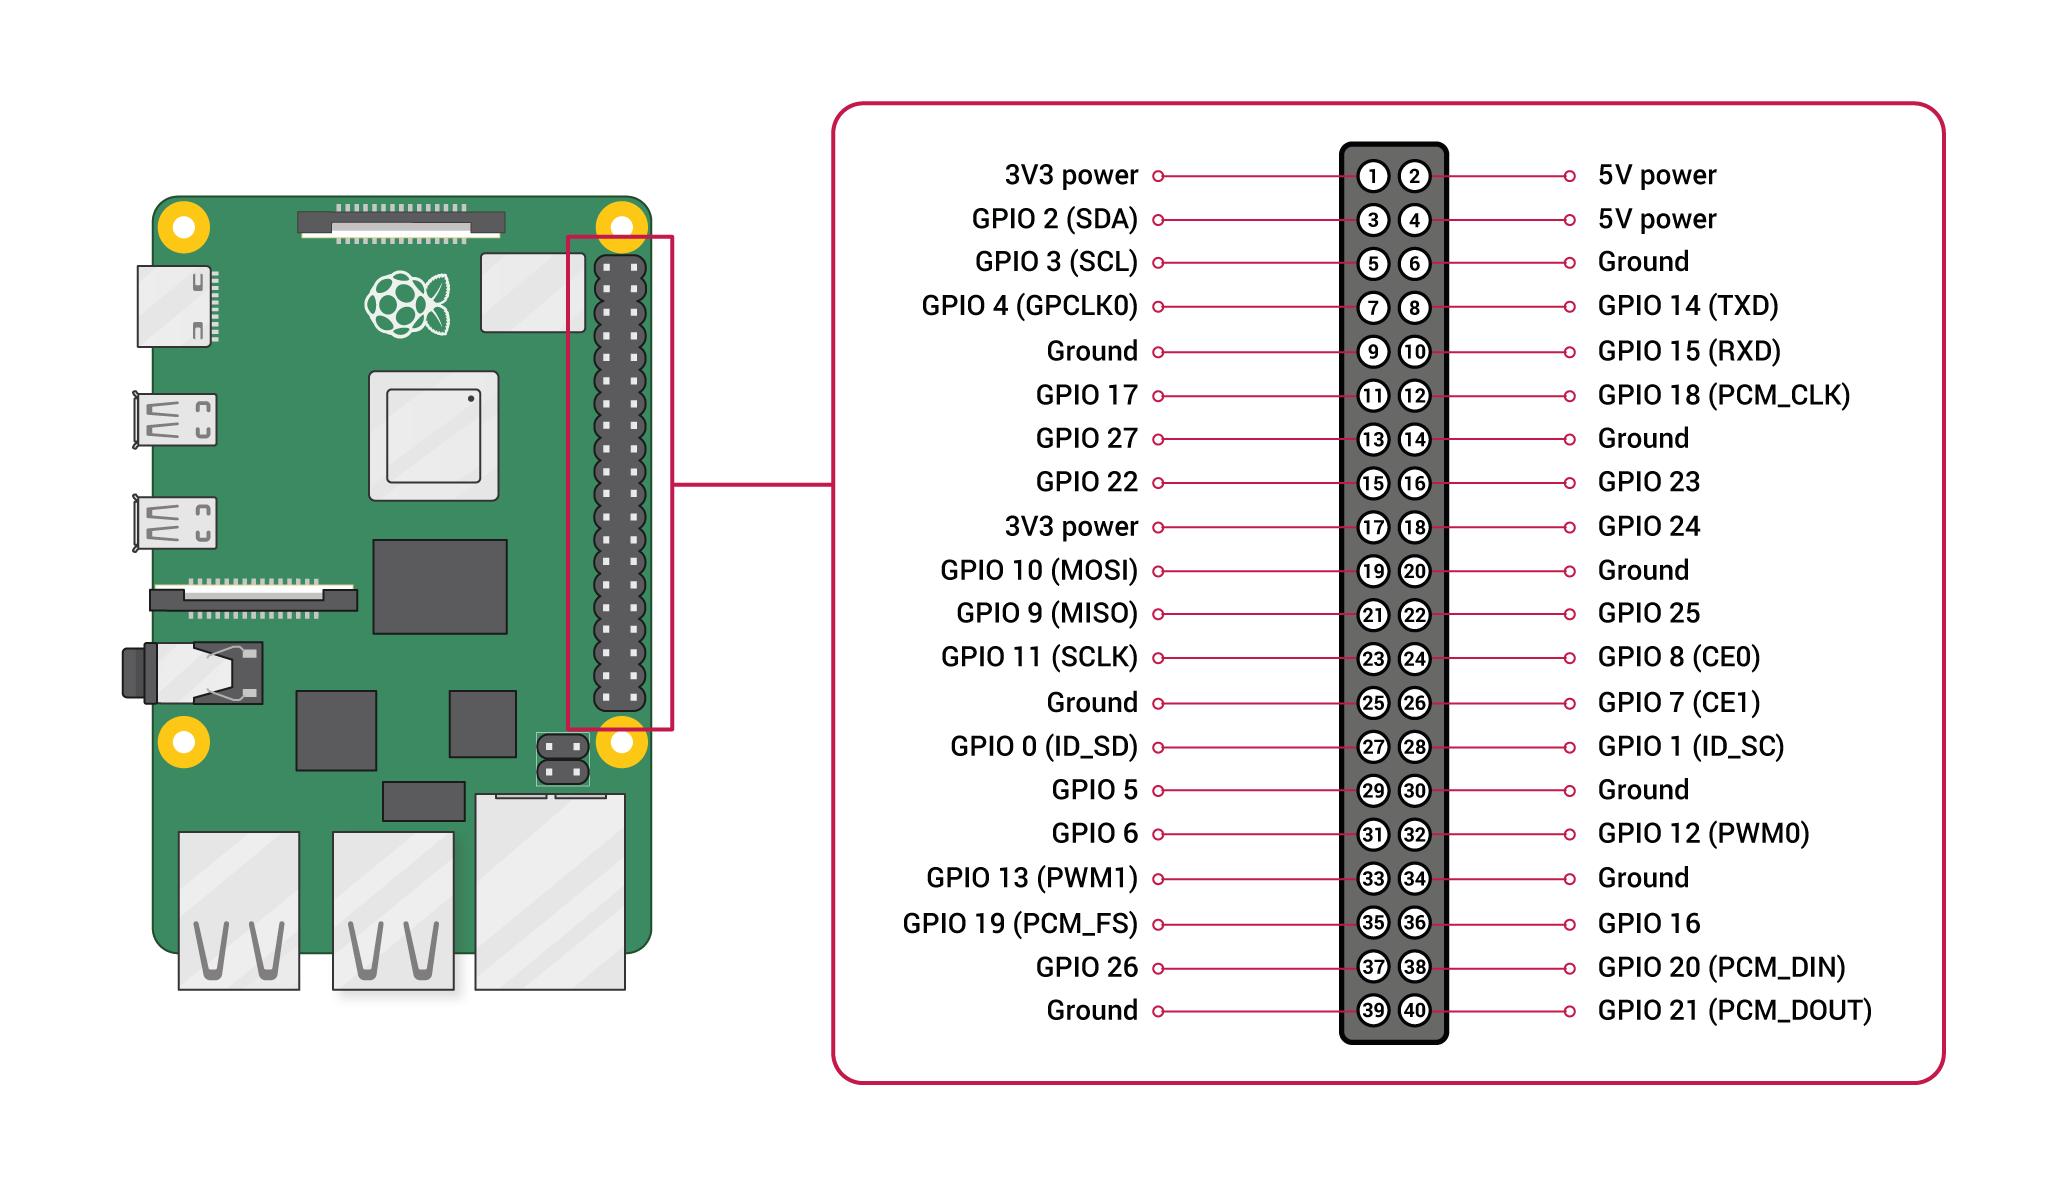 Diagrama de pines de la Raspberry Pi 1 Modelo B+